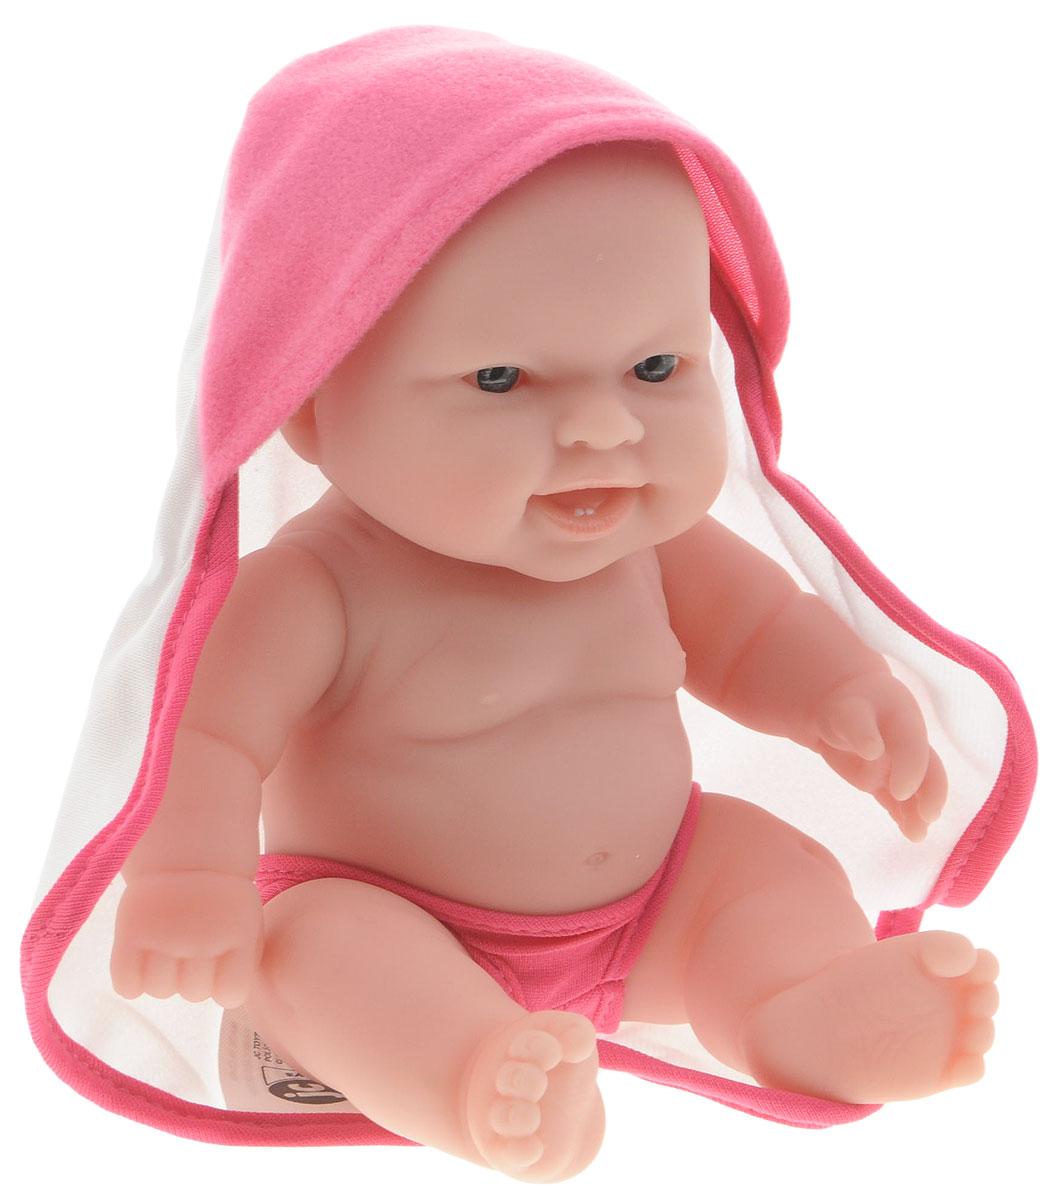 JC Toys Пупс цвет одежды розовый белый16822_розовый,белыйПупс JC Toys непременно приведет в восторг вашу дочурку. Пупс выполнен из высококачественных и безопасных материалов. Симпатичный пупс одет в розовые трусики и накидку с капюшоном. Руки, ноги и голова куклы подвижны, что позволяет придавать ей разнообразные позы. Игры с куклой способствуют эмоциональному развитию, помогают формировать воображение и художественный вкус, а также разовьют в вашей малышке чувство ответственности и заботы. Великолепное качество исполнения делают этот набор чудесным подарком к любому празднику.